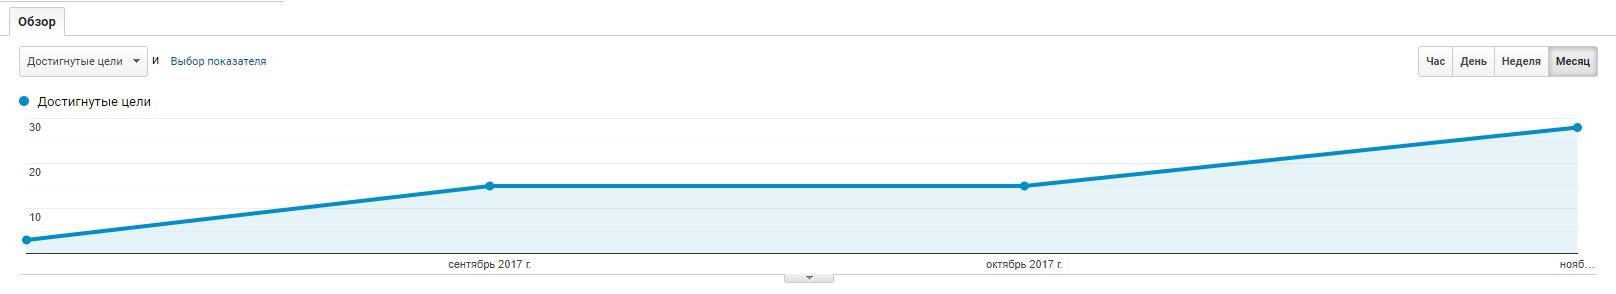 увеличение конверсий на сайте